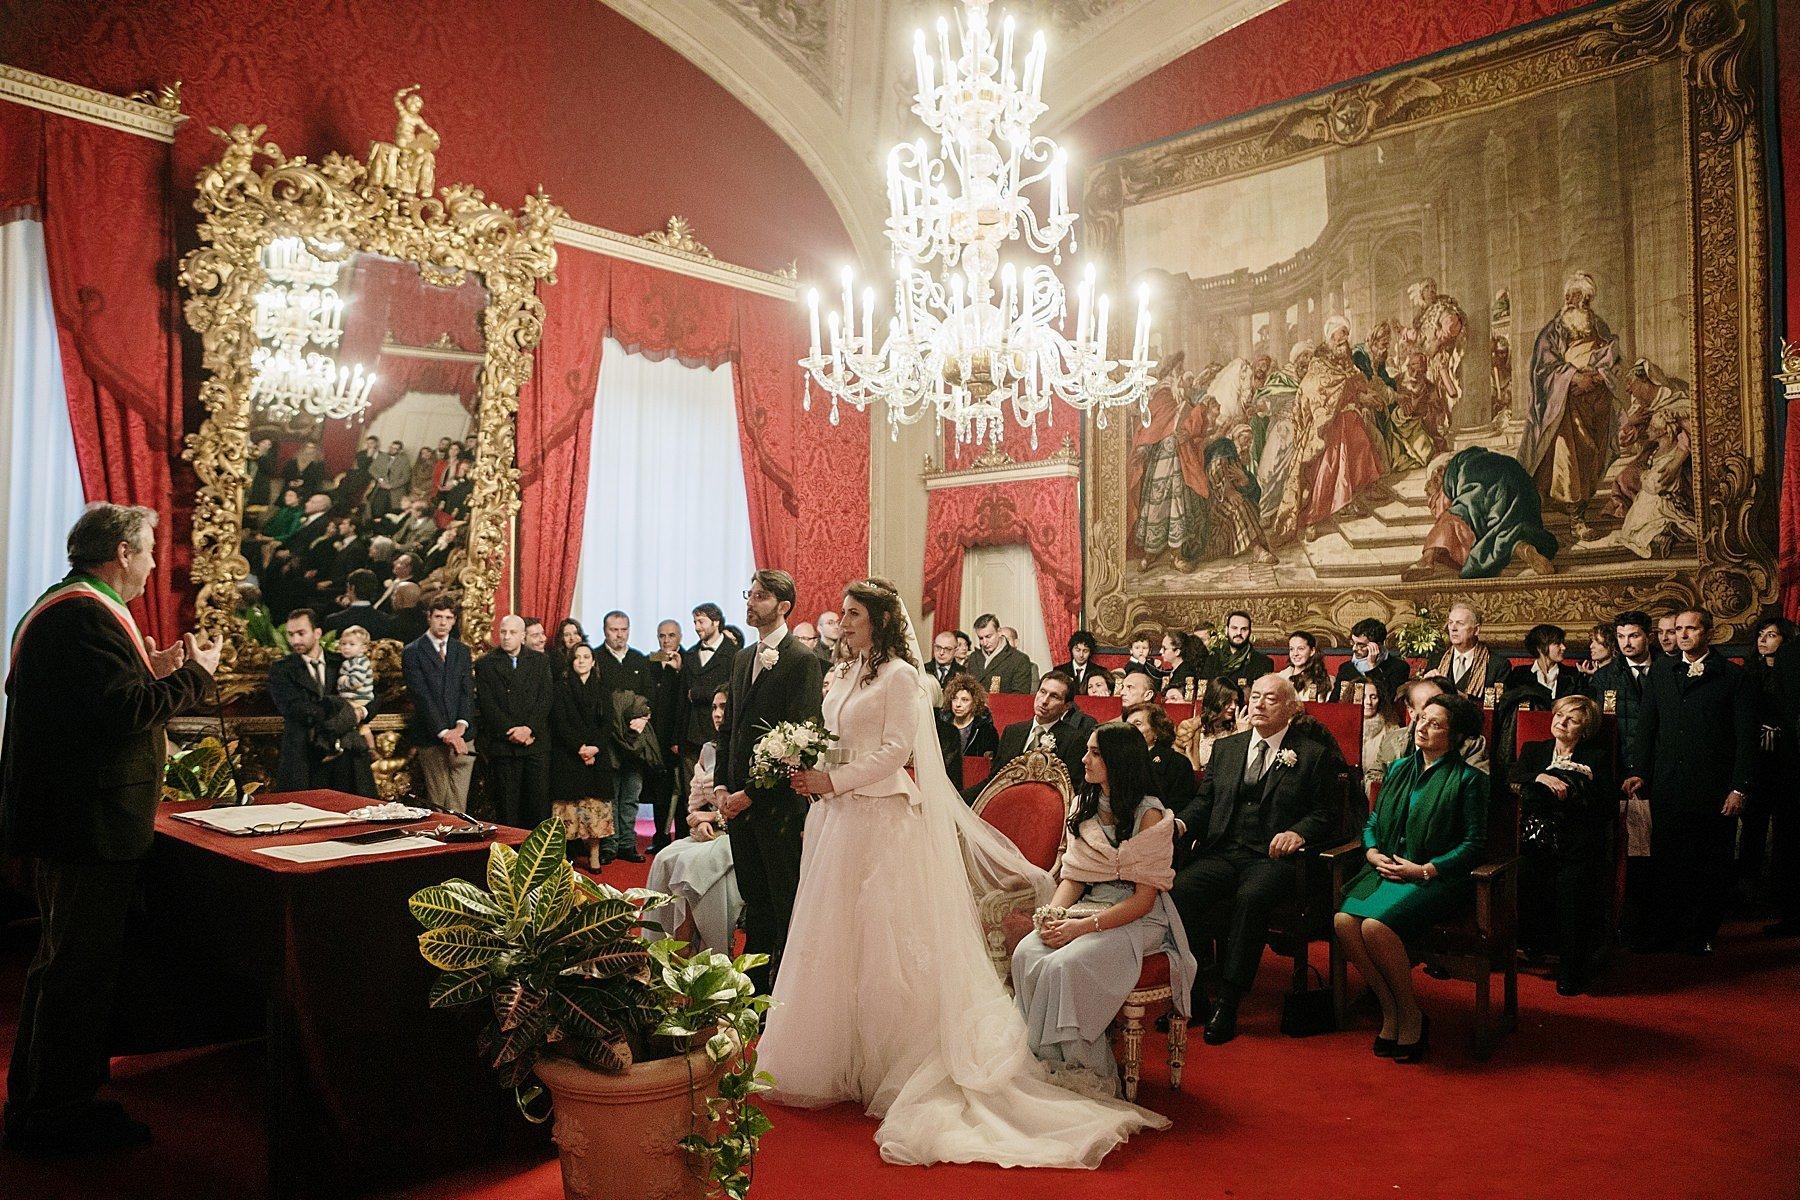 fotografia di matrimonio a firenze in inverno 750